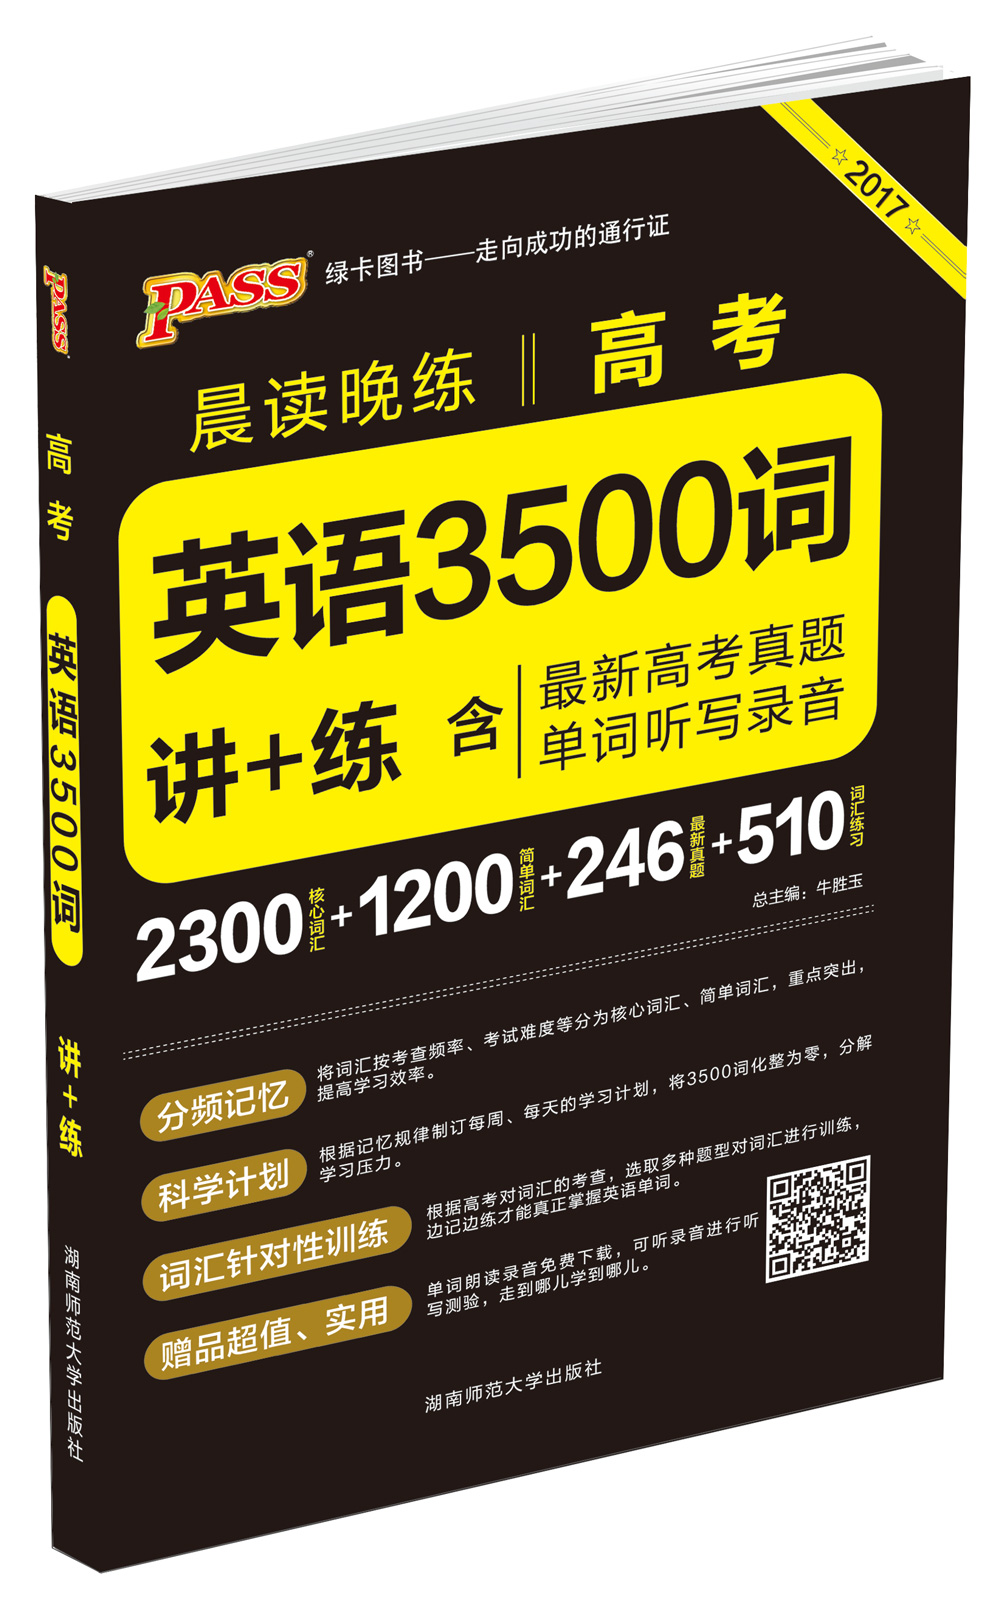 晨读晚练高考英语3500词 Week 3—Day 1